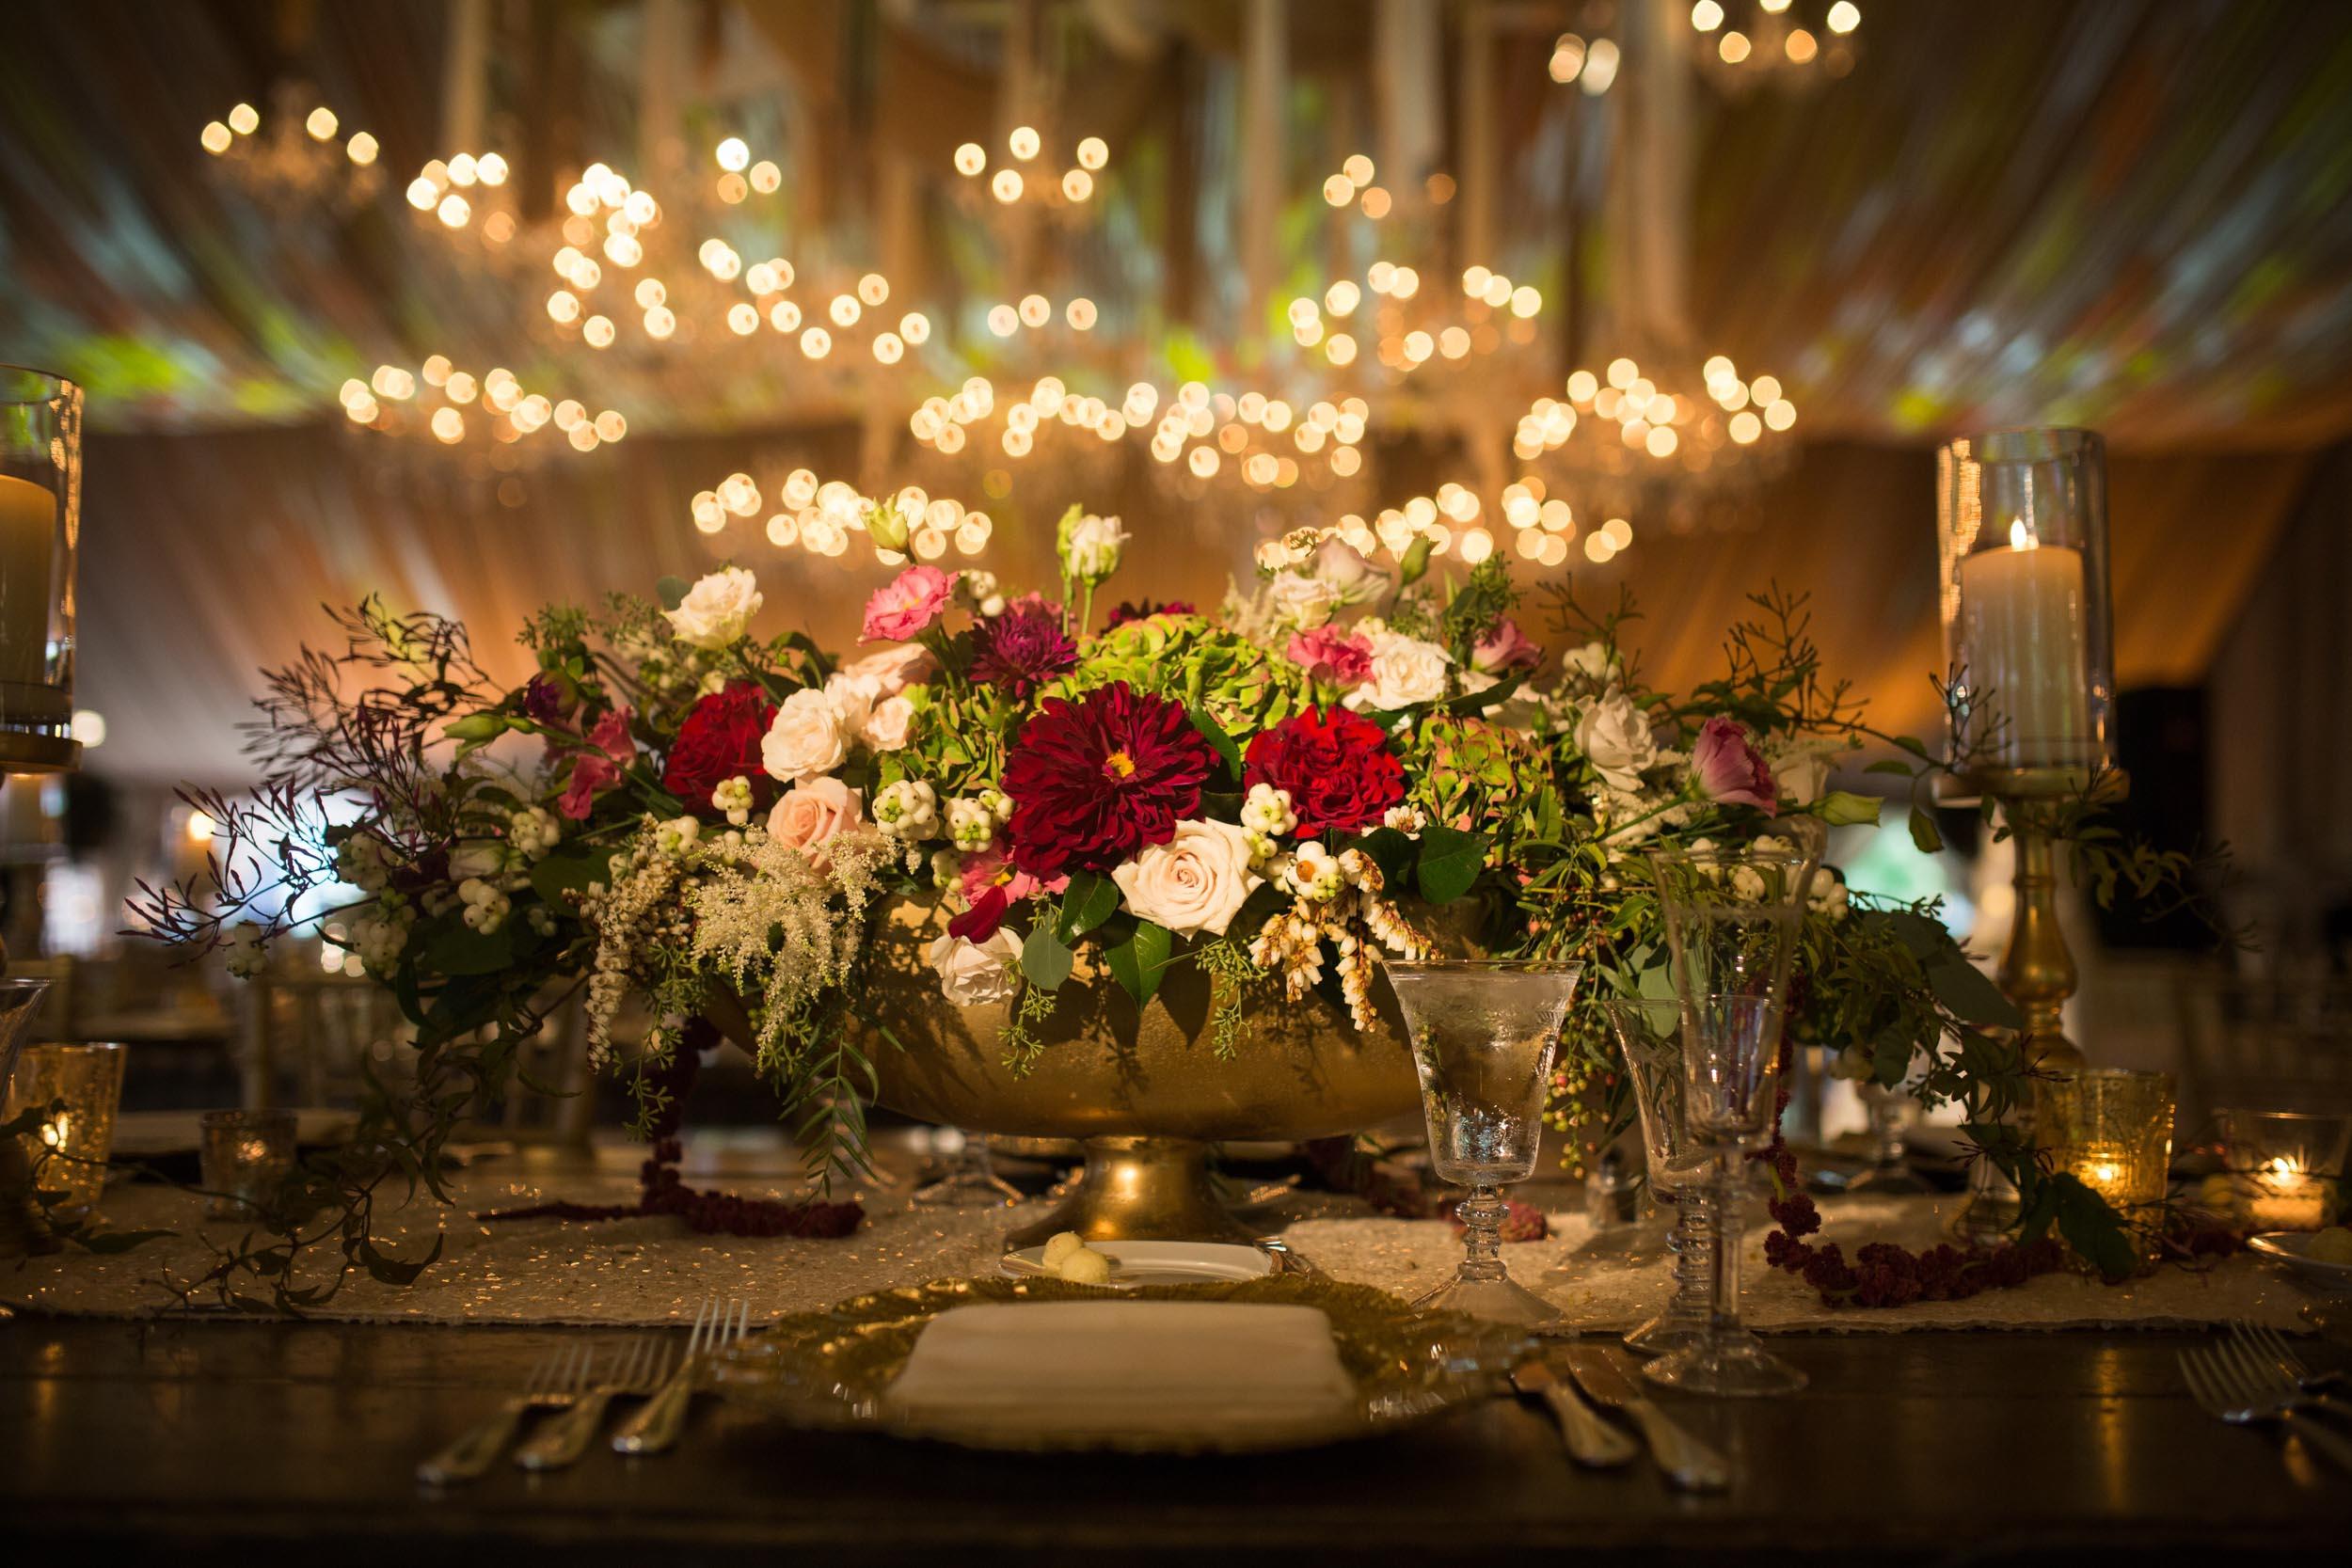 chicago-wedding-photos-studio-this-is-jack-schroeder-30.jpg